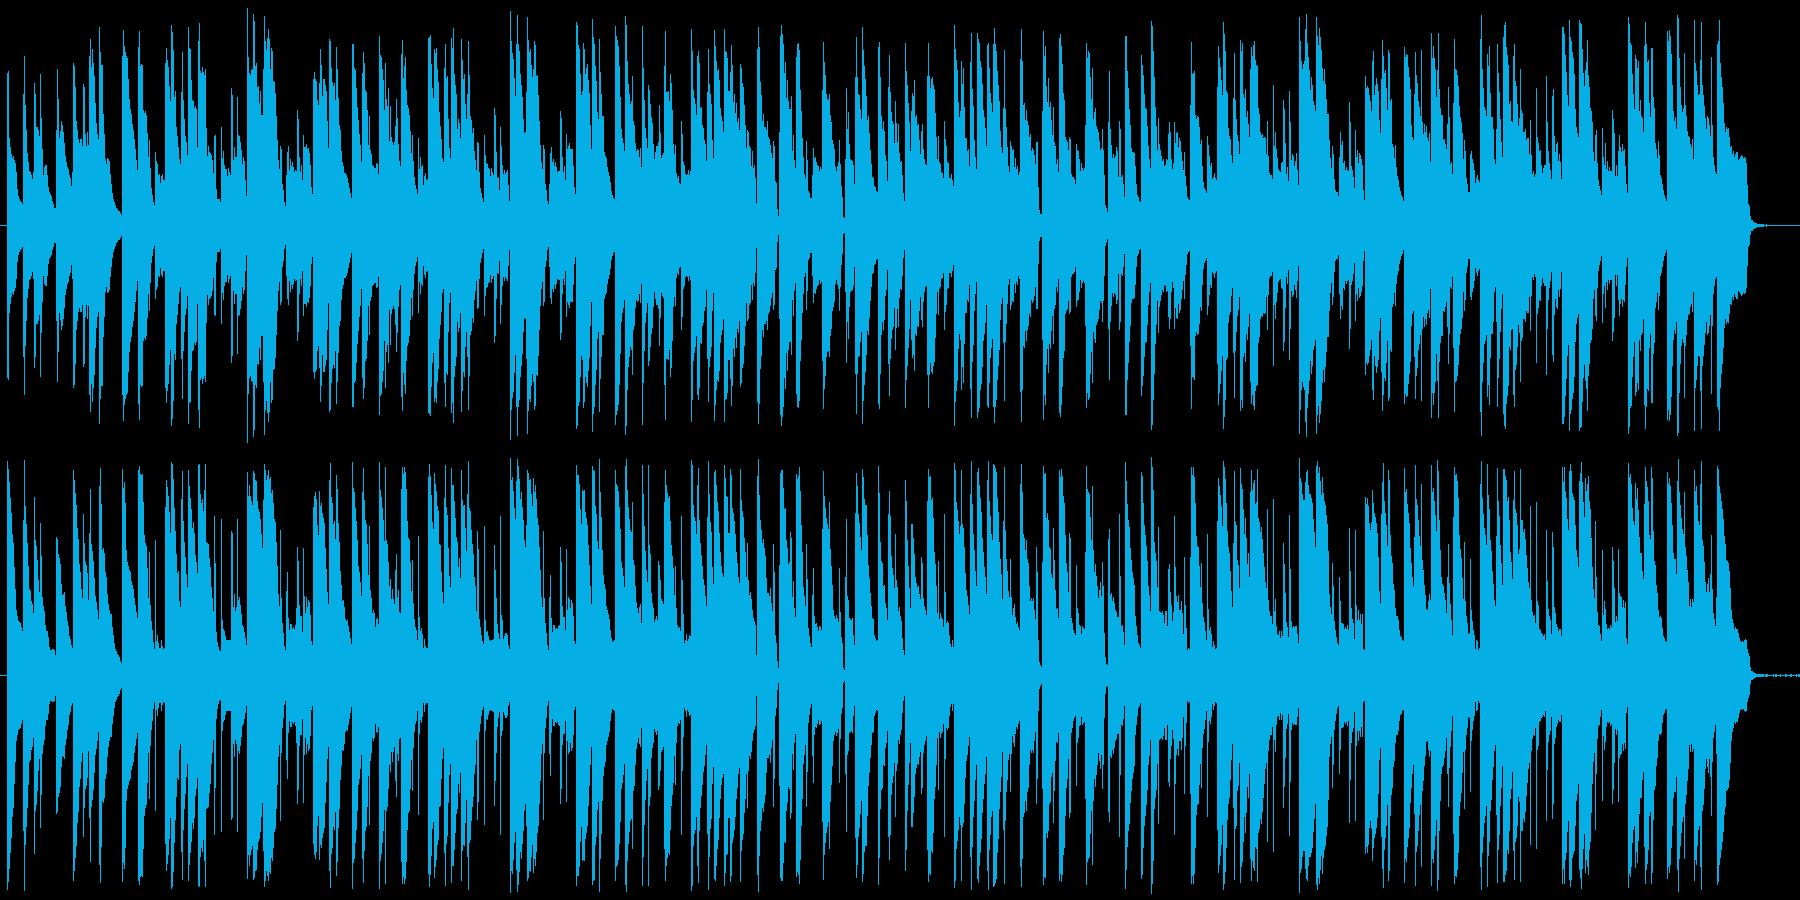 1分弱の可愛いほのぼの日常系BGMの再生済みの波形